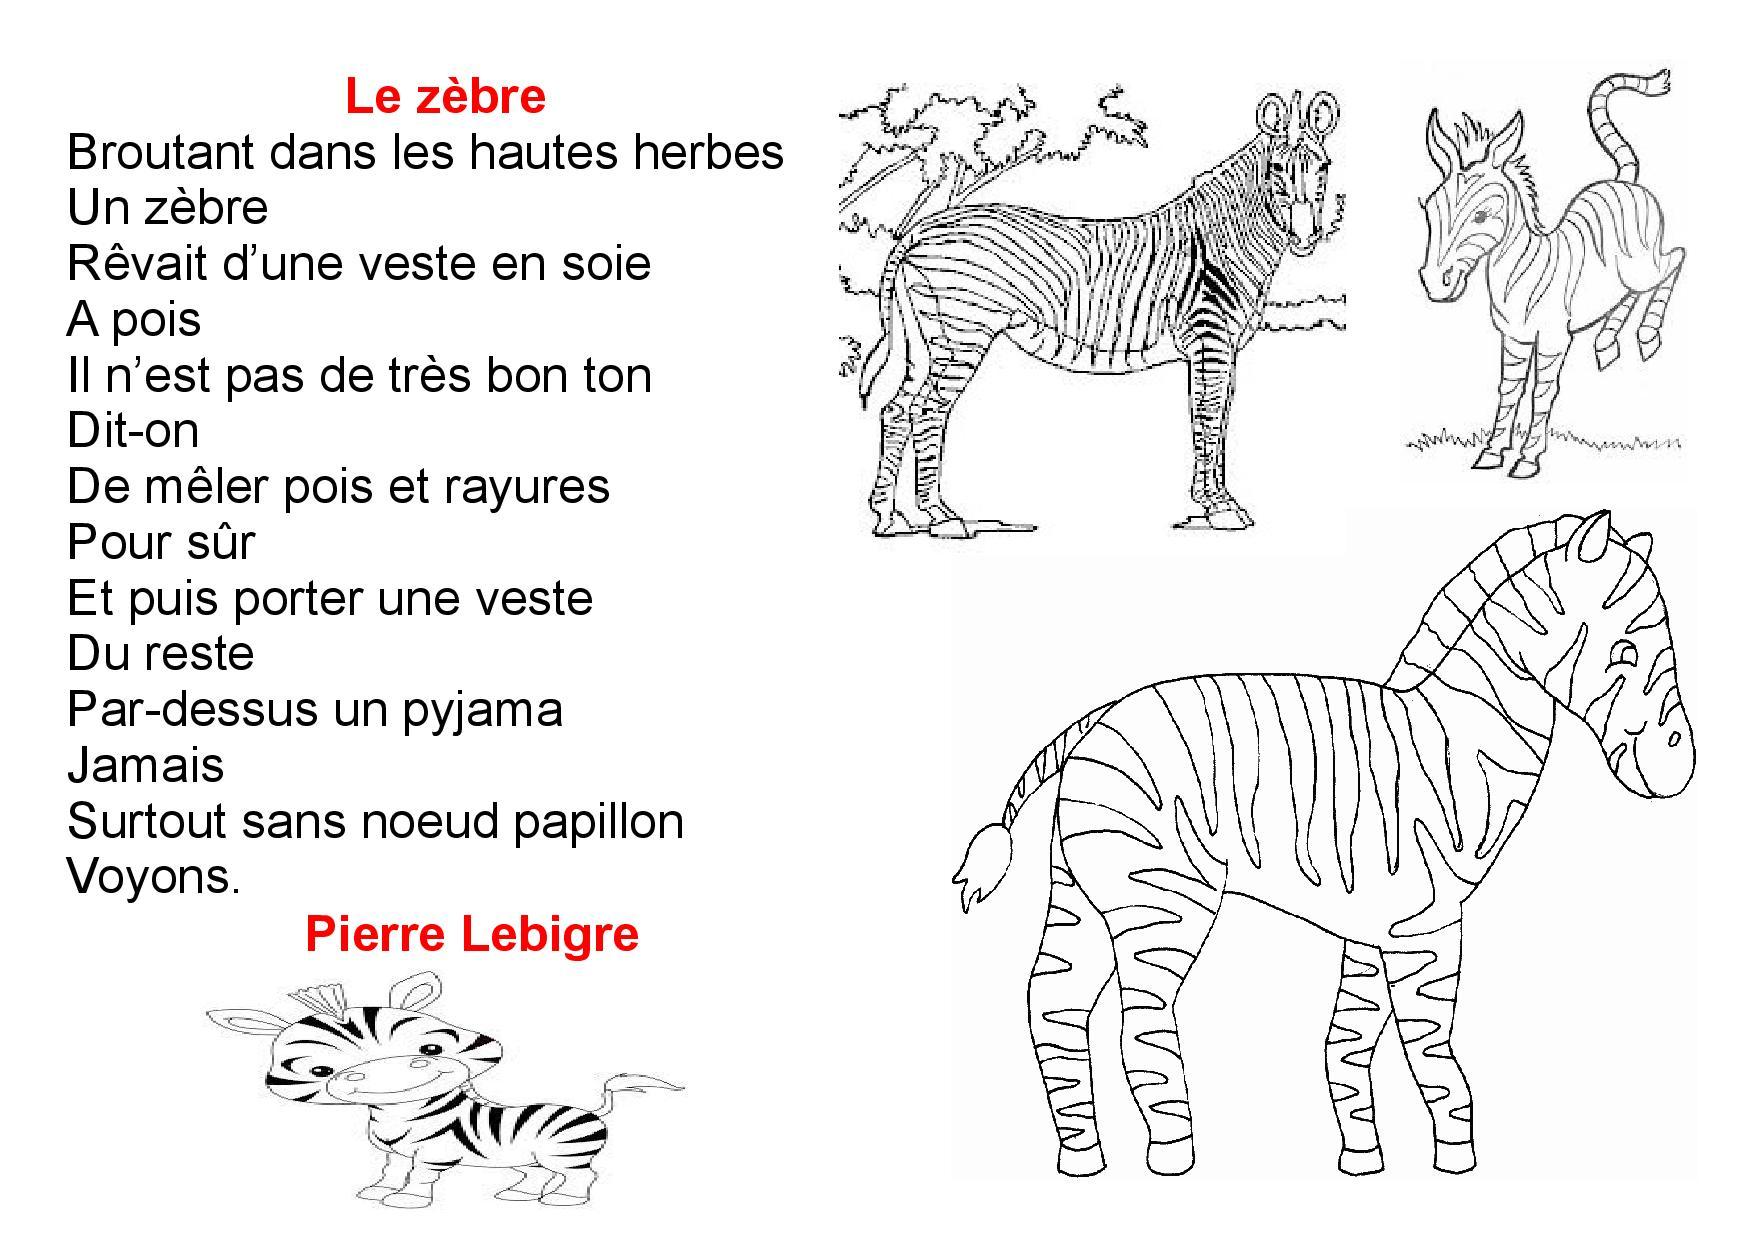 poesie zebre